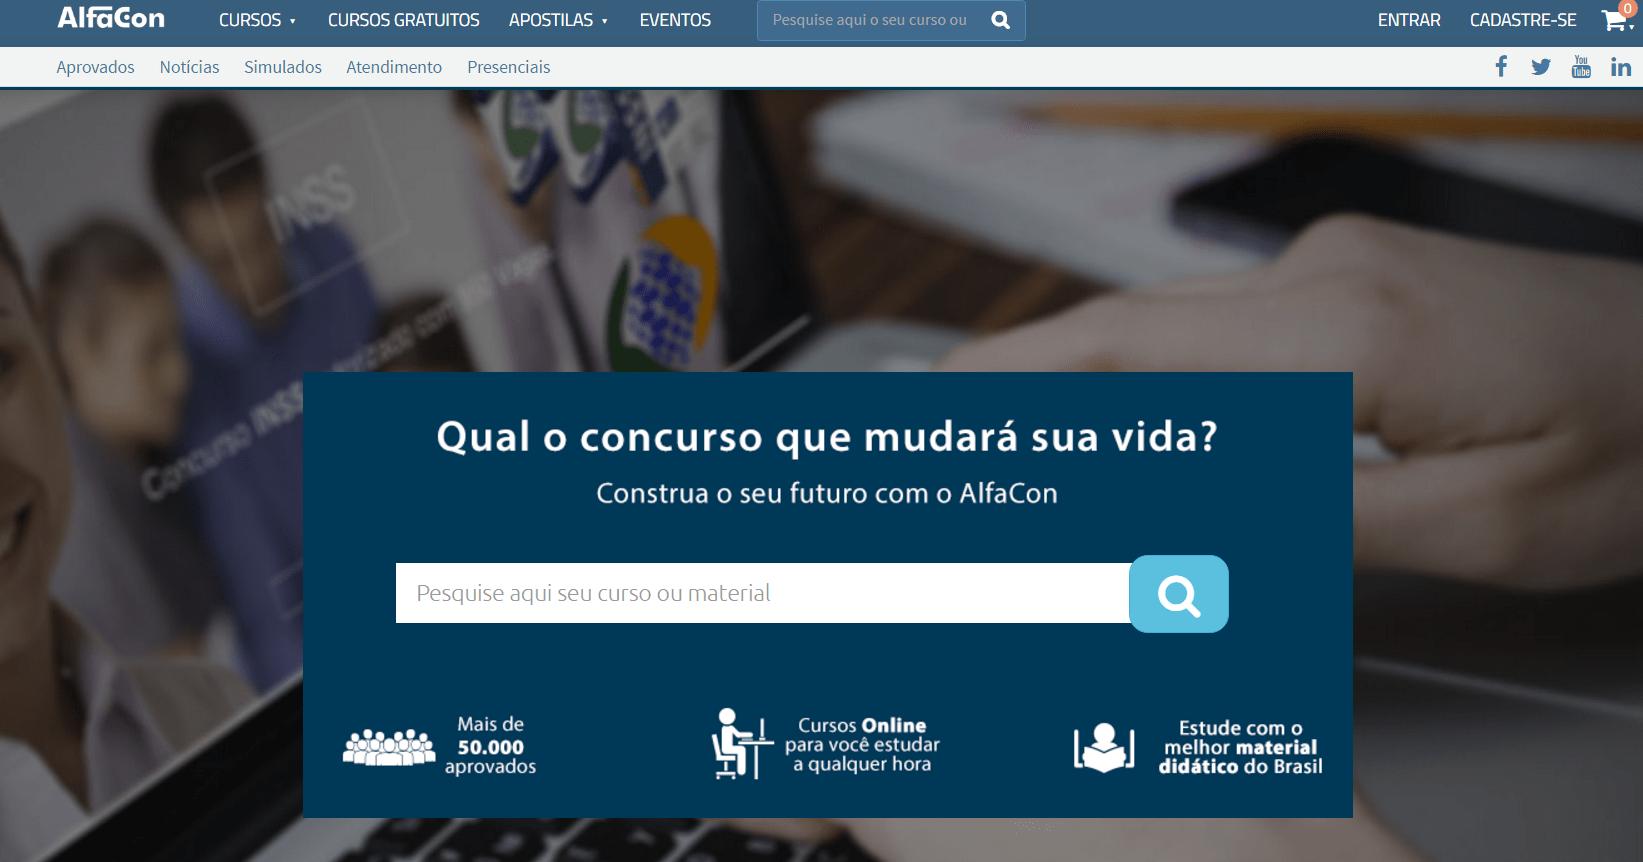 cursos-online-para-concursos-publicos-alfacon